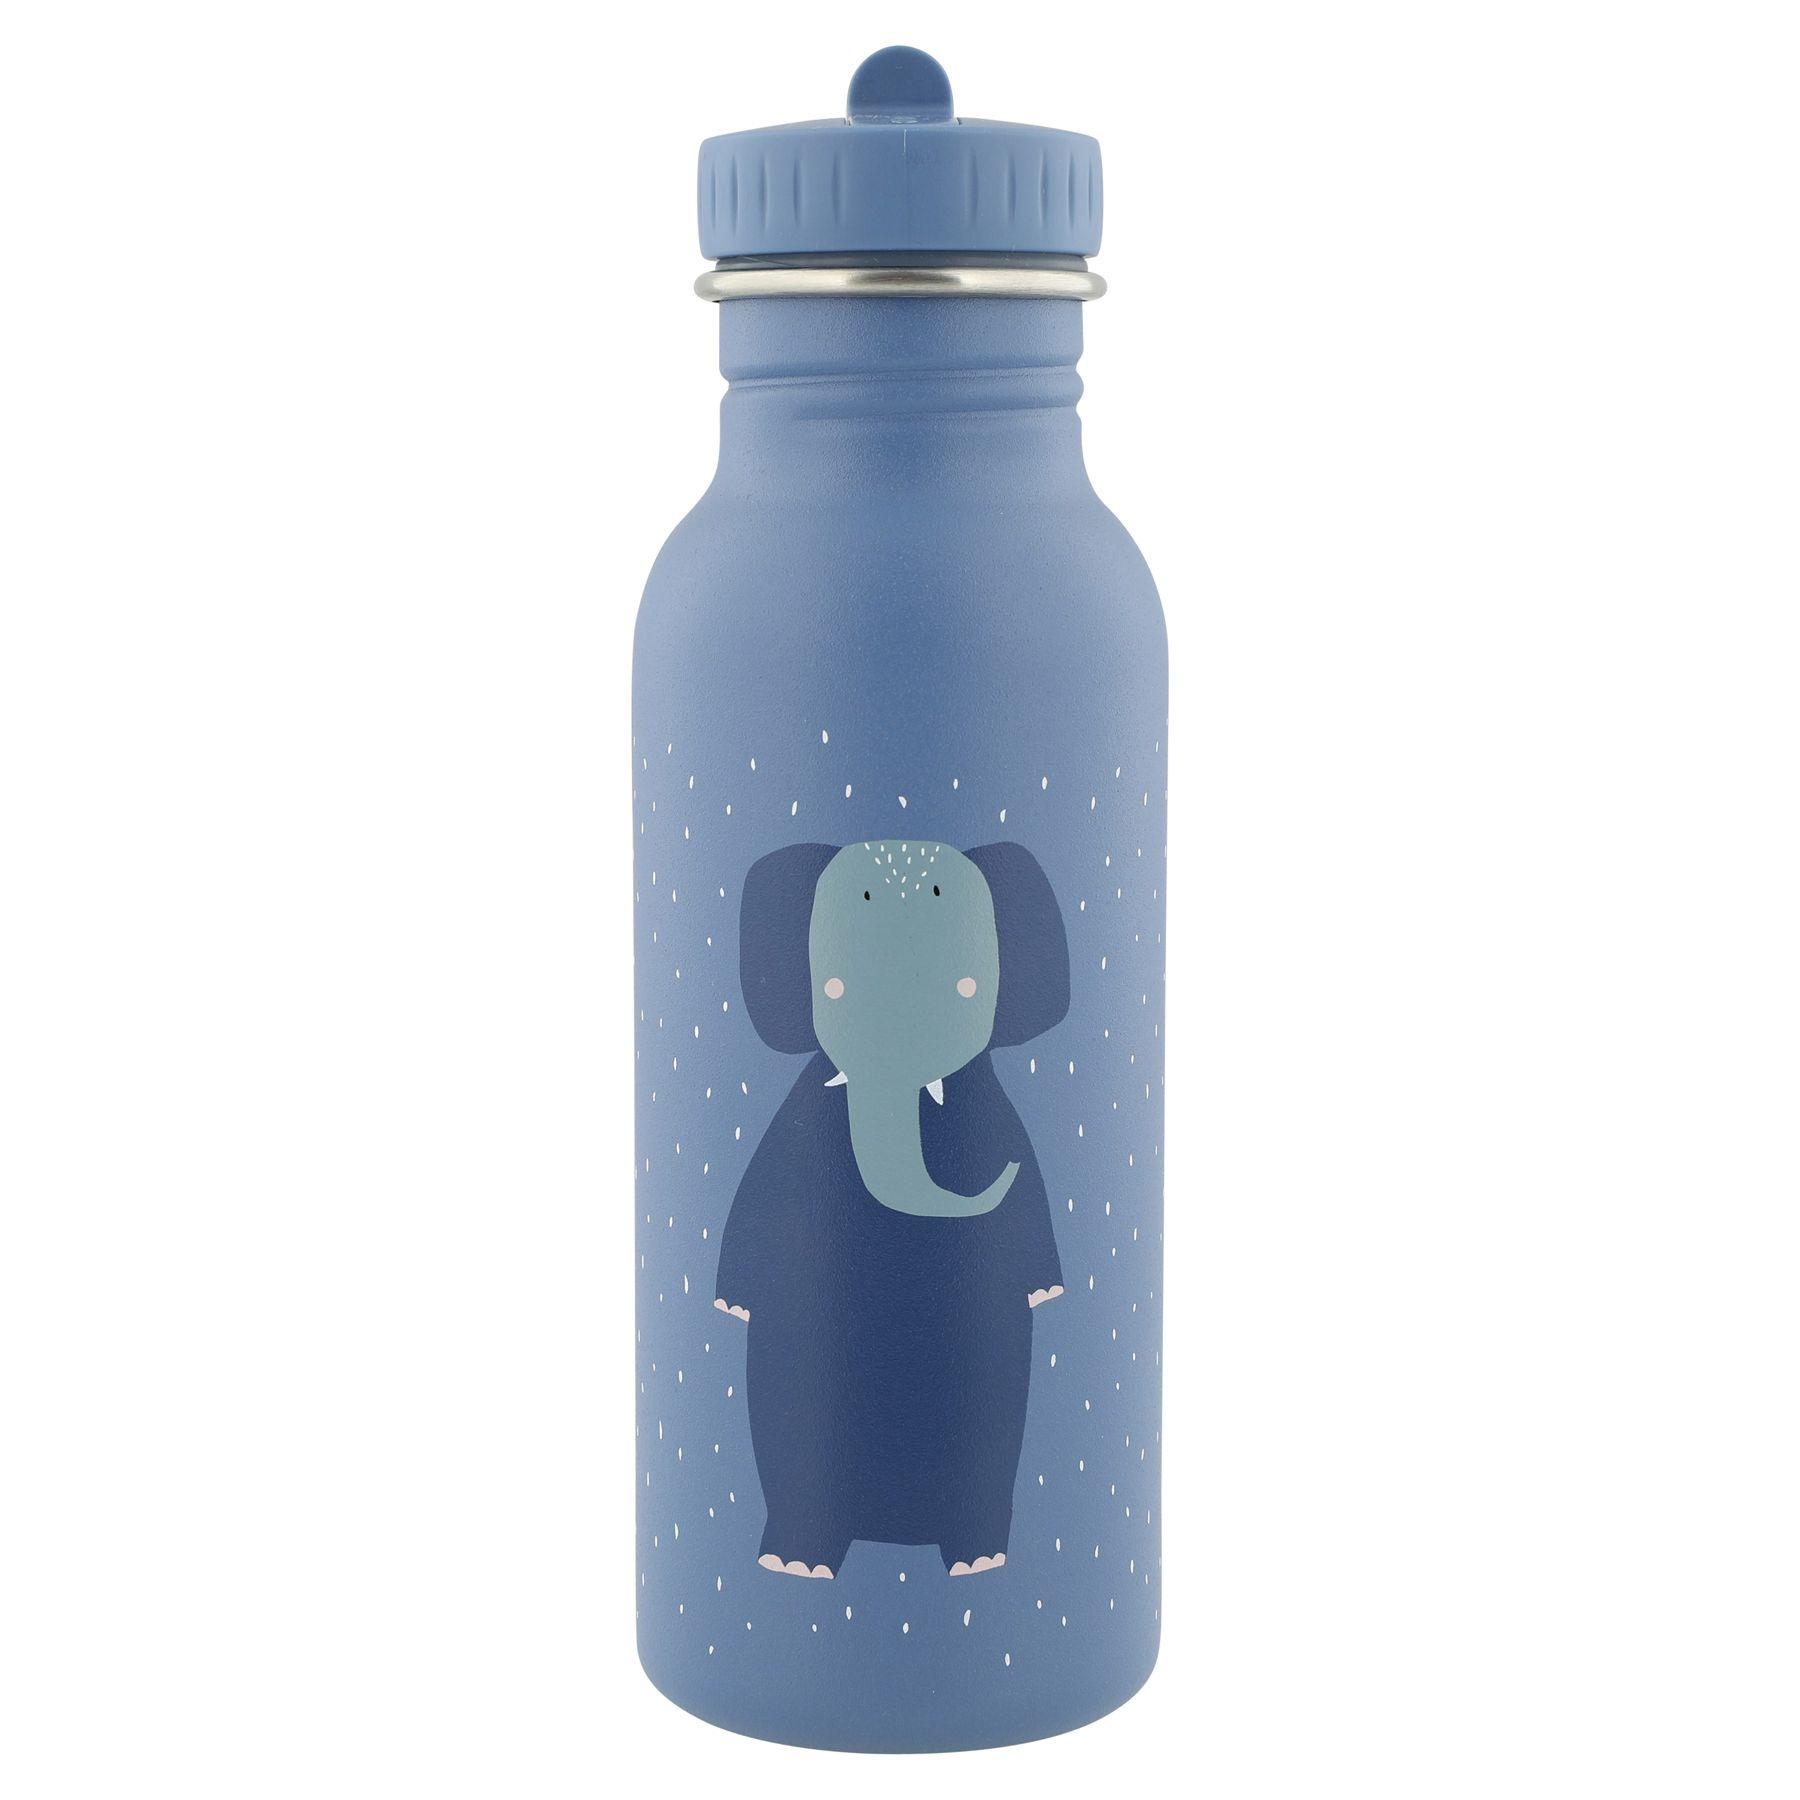 Μπουκάλι ανοξείδωτο, 500ml - Trixie, Elephant